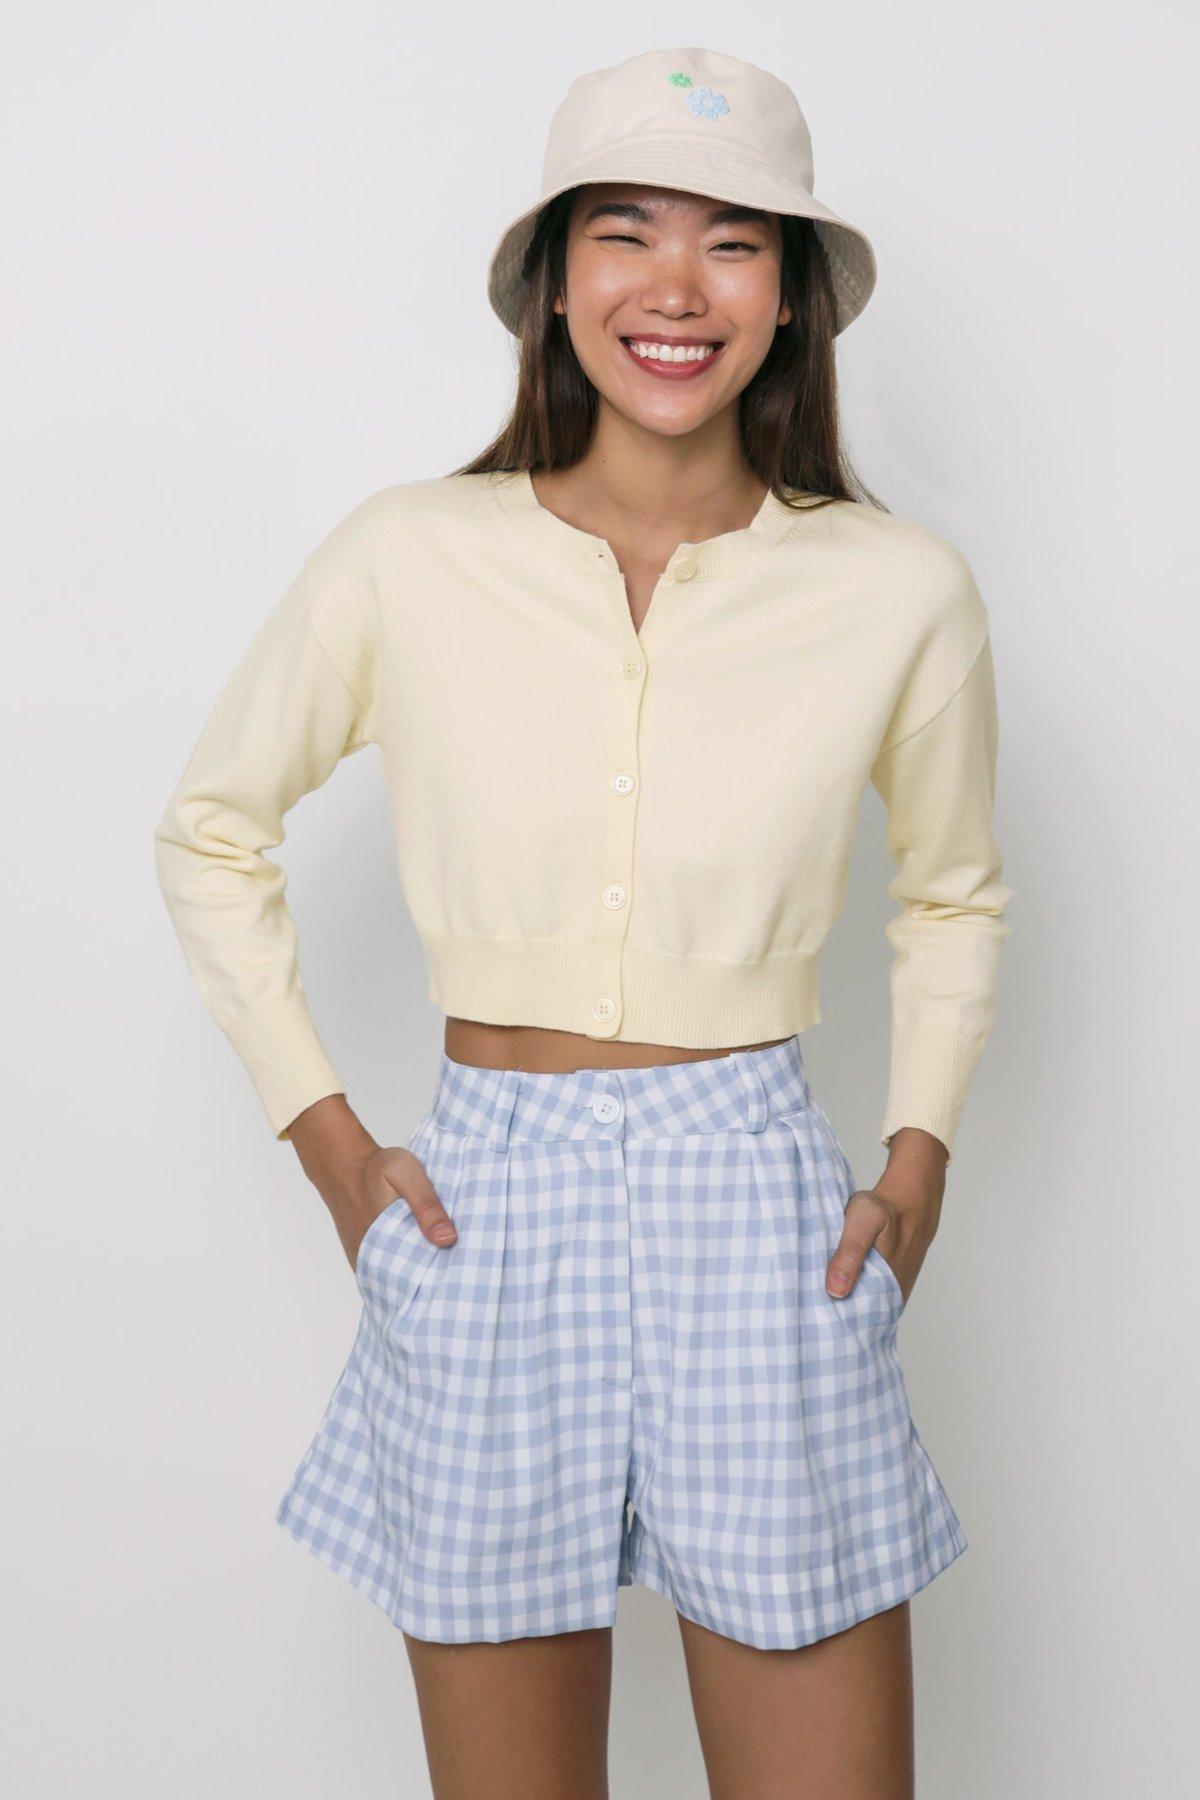 Freshen Knit Cardigan (Cream)